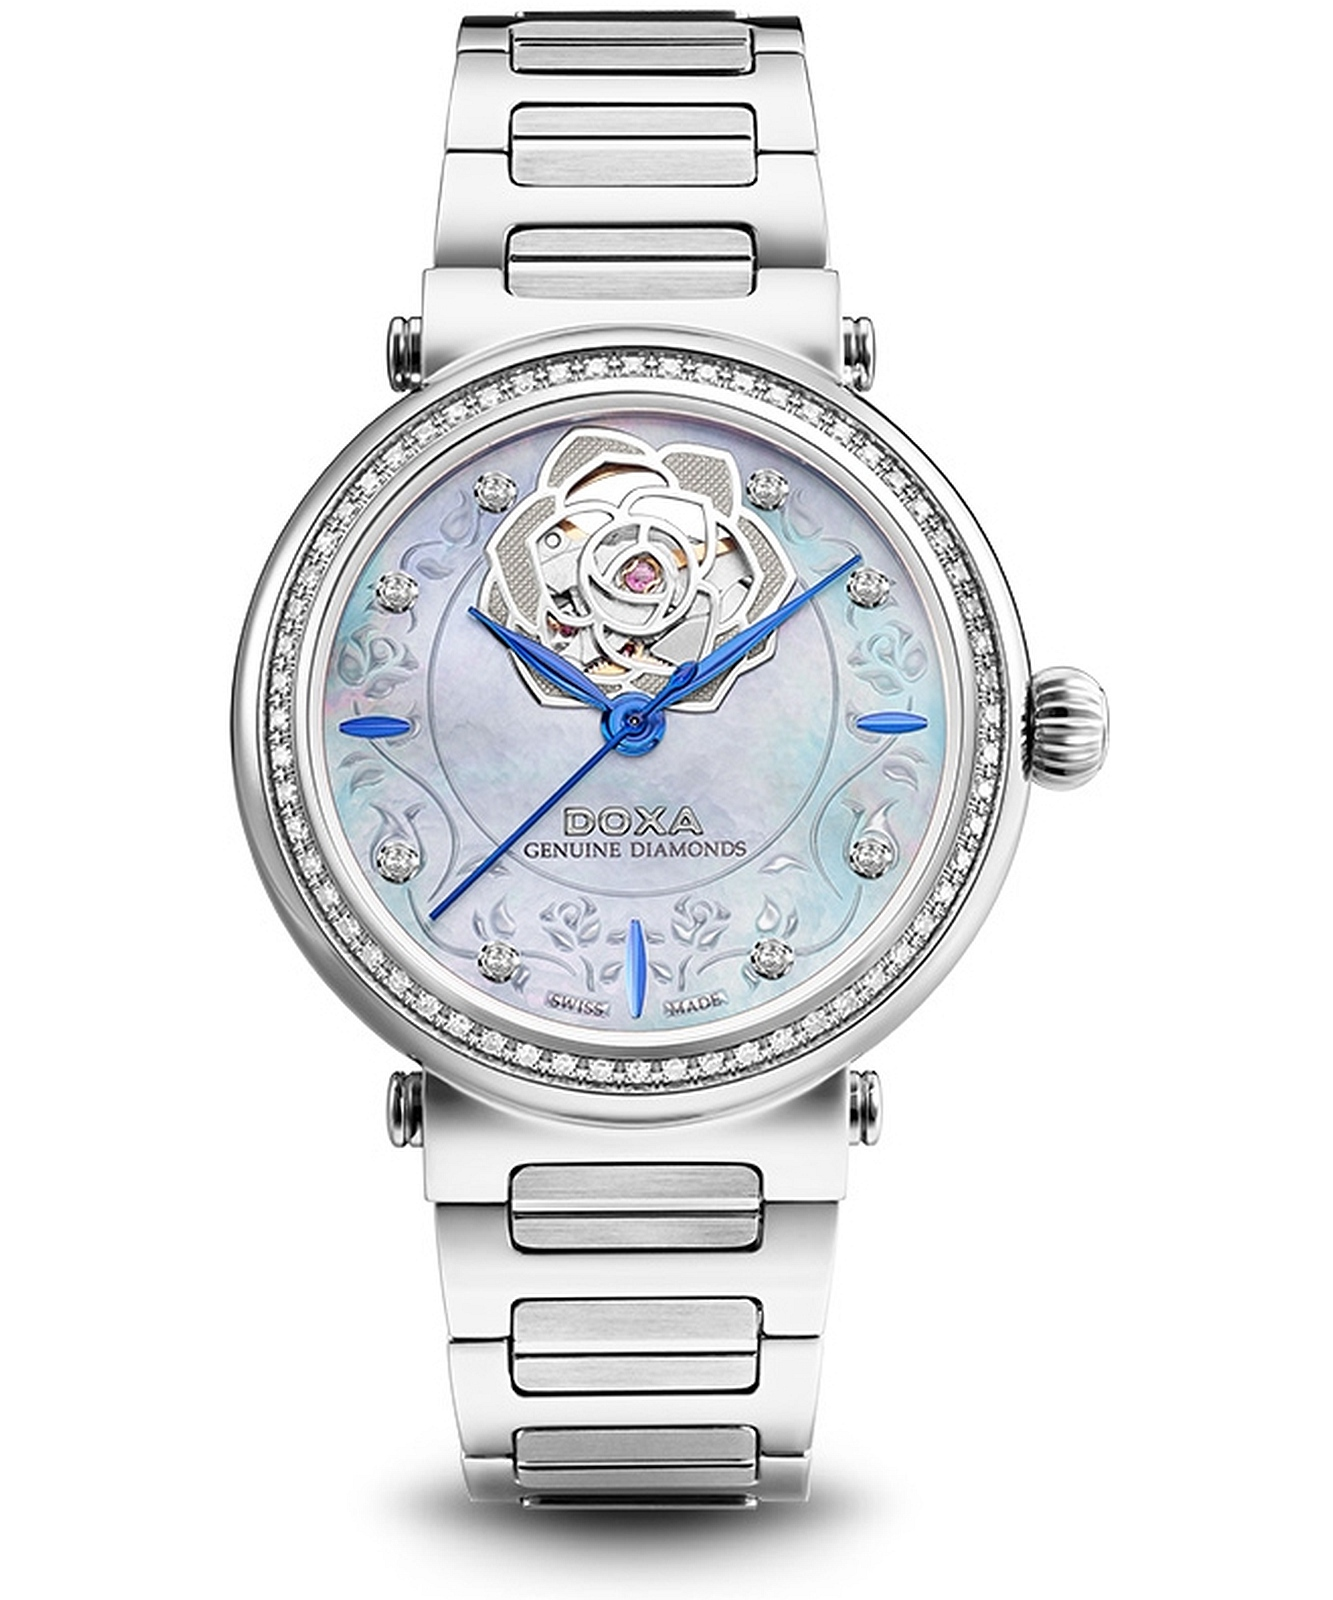 zegarek-damski-doxa-calex-new-lady-genuine-diamonds-automatic-limited-edition-d214sbu